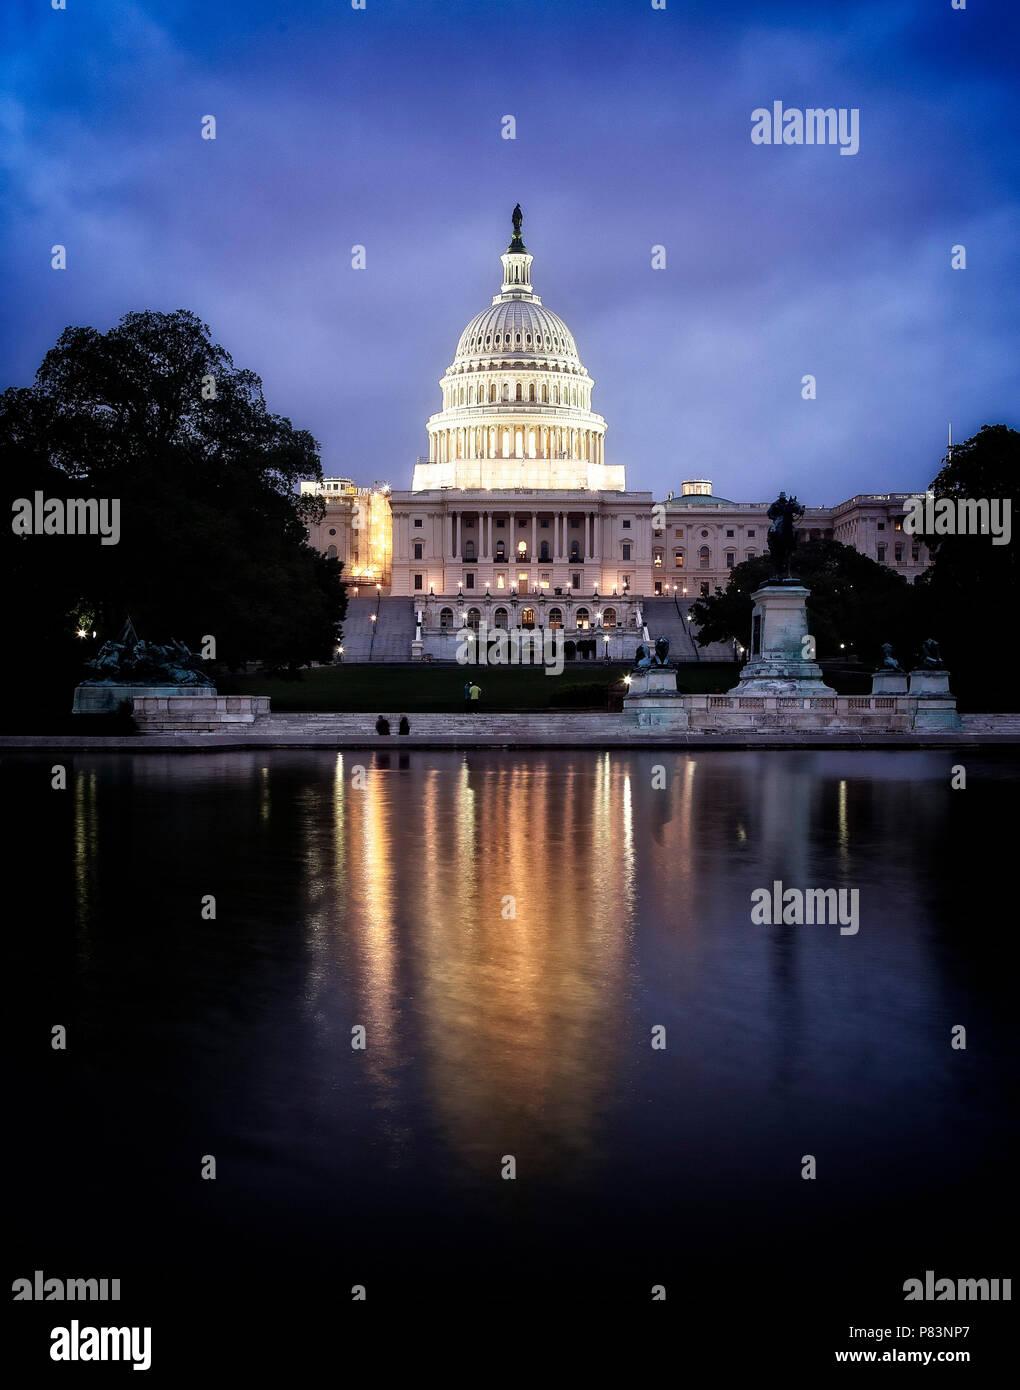 Le bâtiment du Capitole, qui abrite le Sénat et la Chambre des représentants des États-Unis sur le National Mall, Washington, DC. Banque D'Images